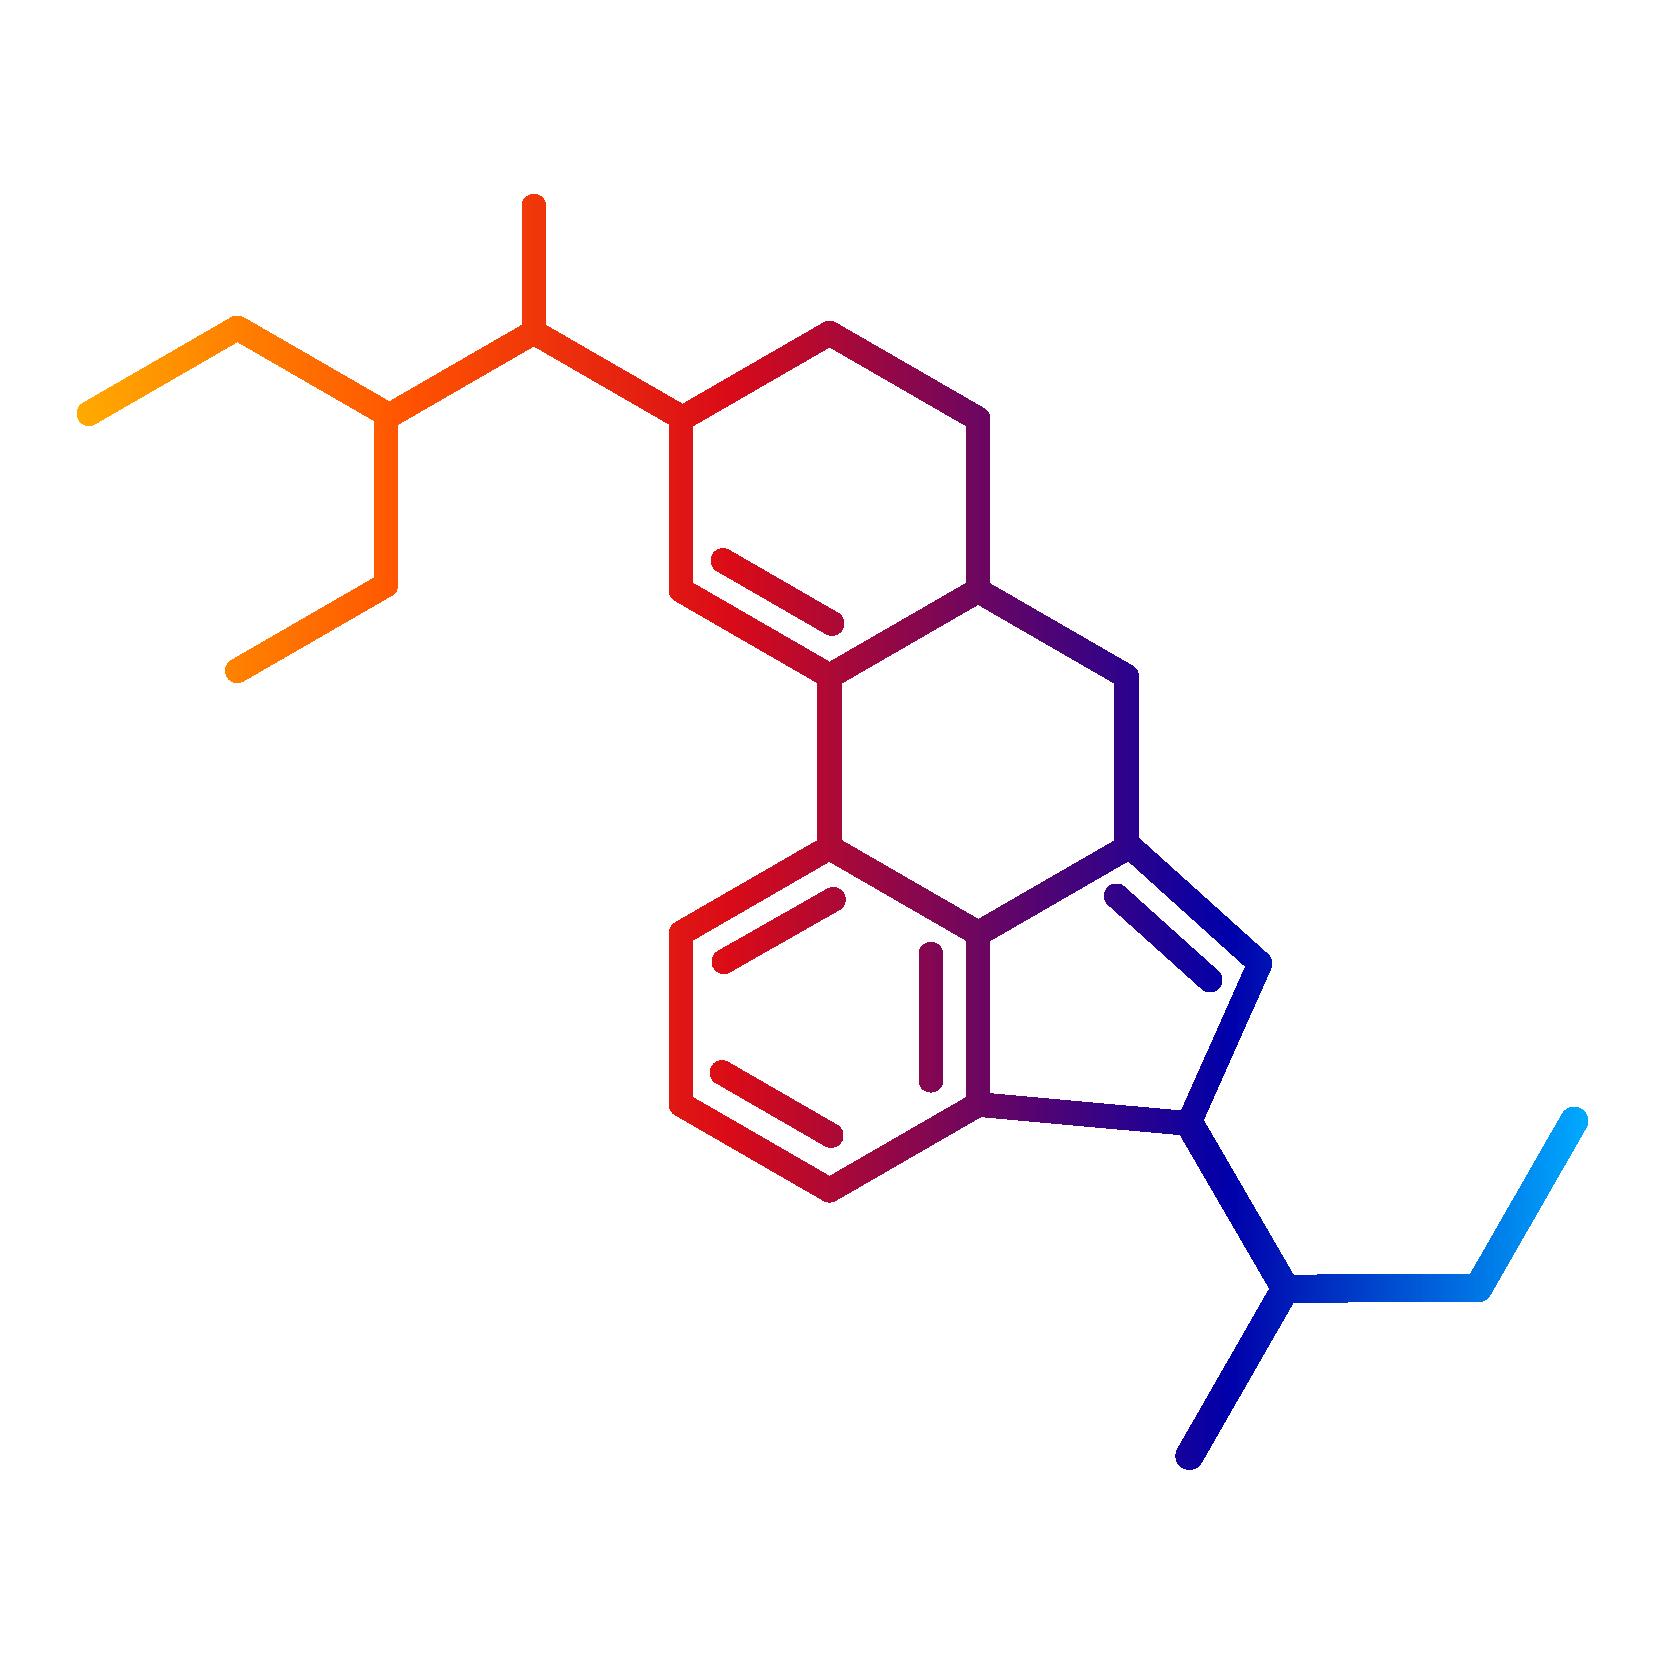 Microdosing 1P-LSD